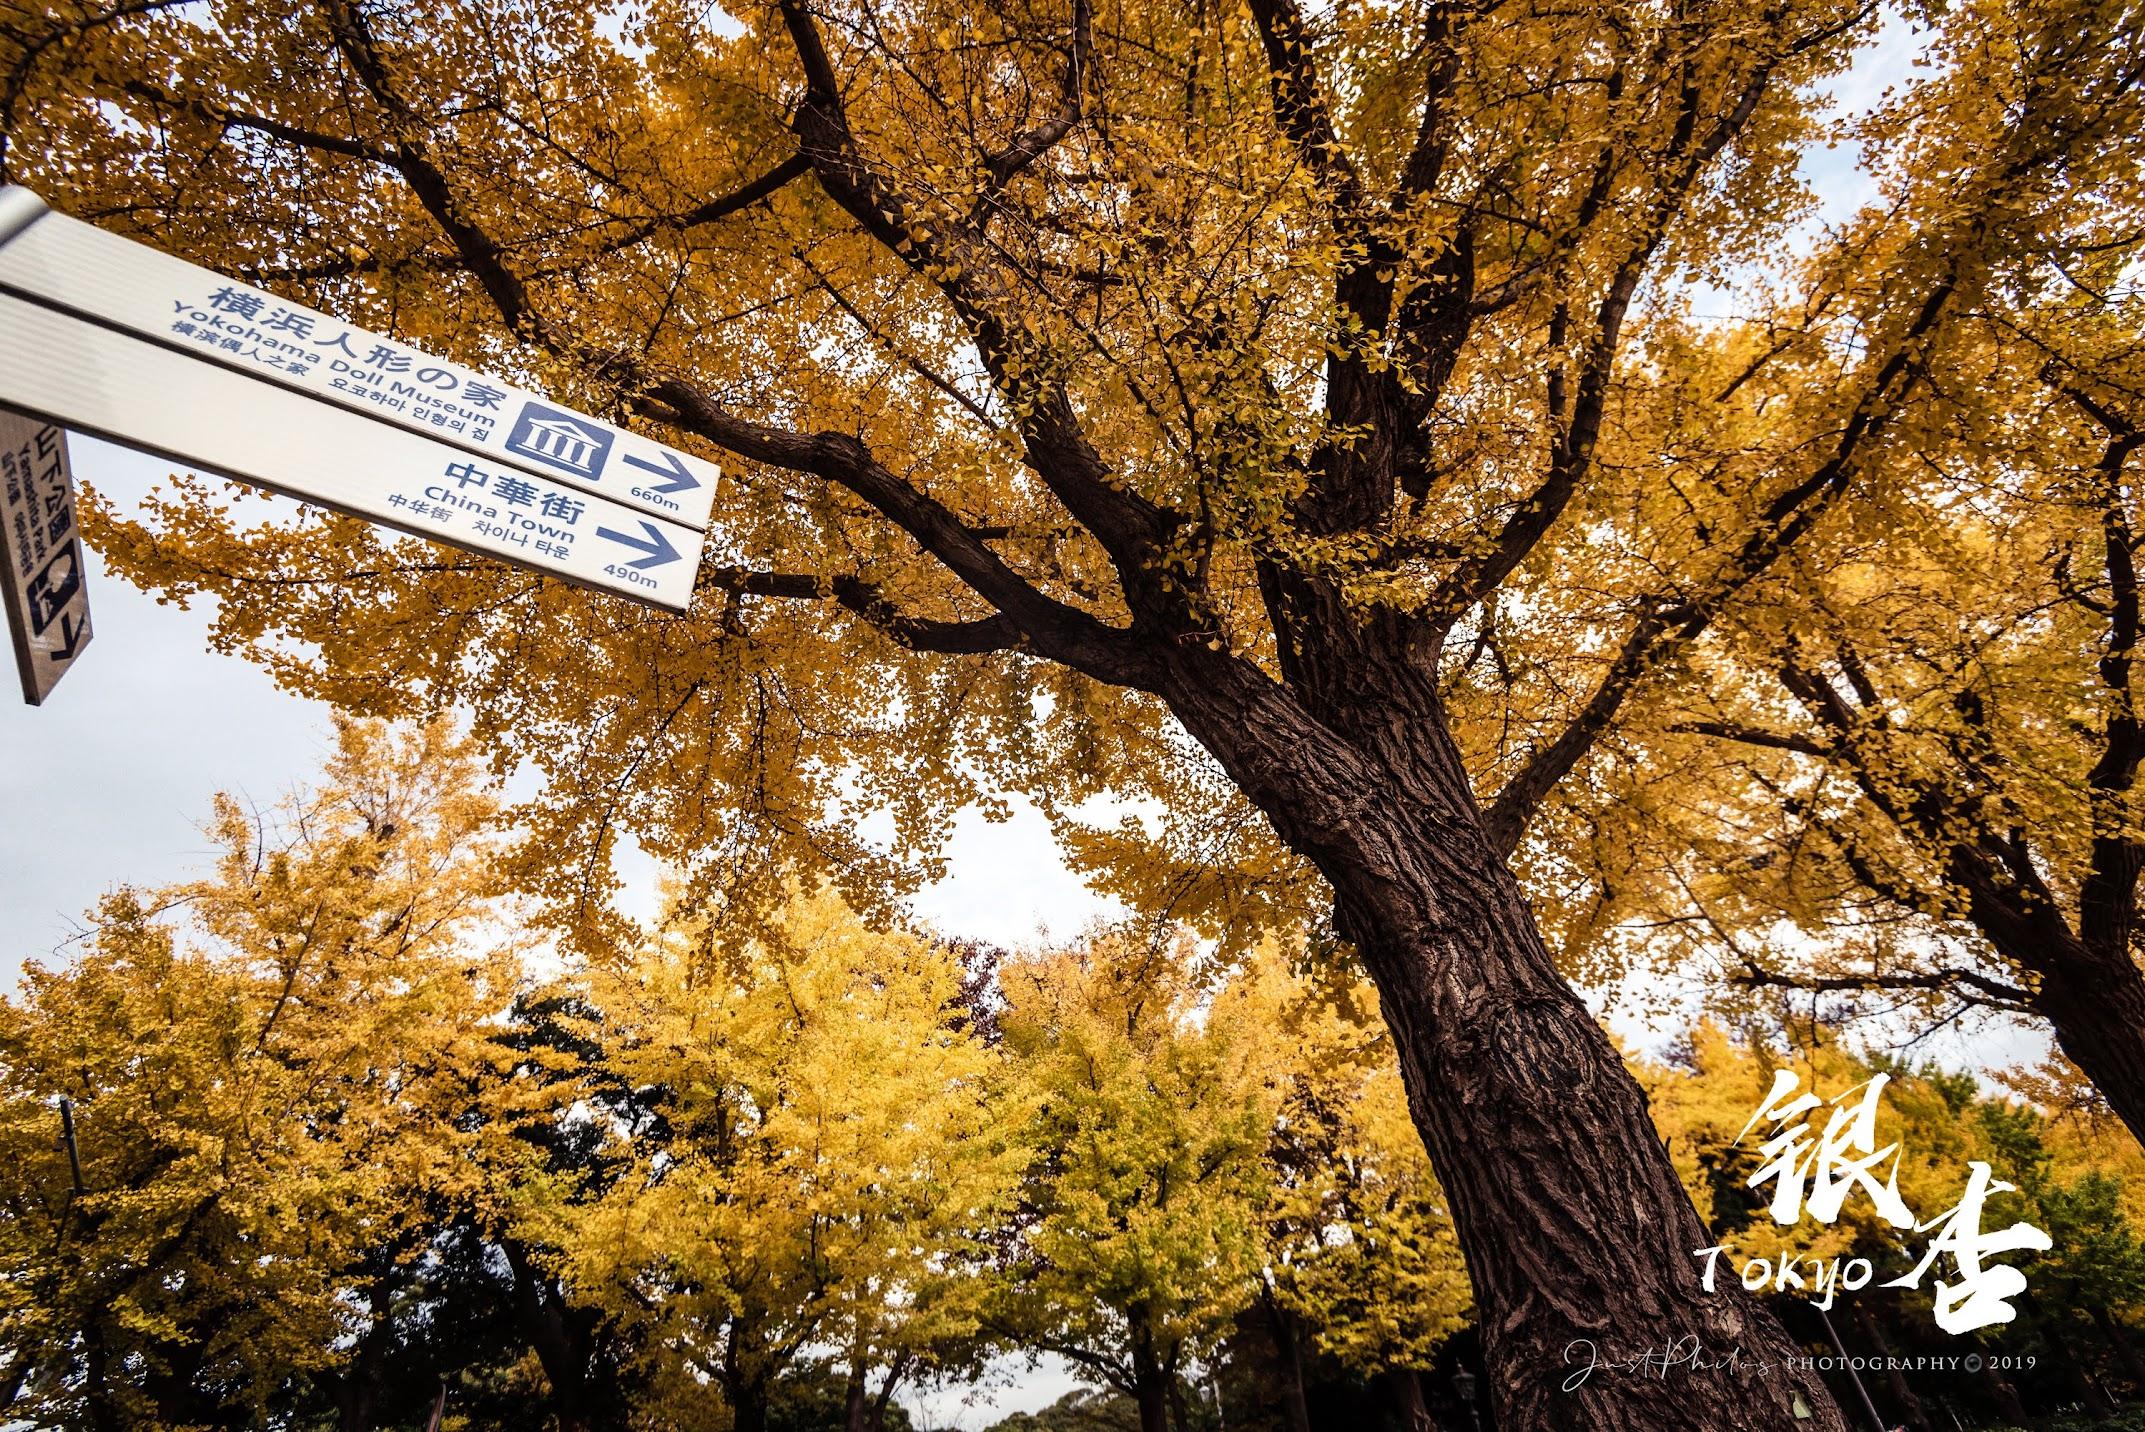 橫濱銀杏大道的兩側的銀杏樹非常壯觀。